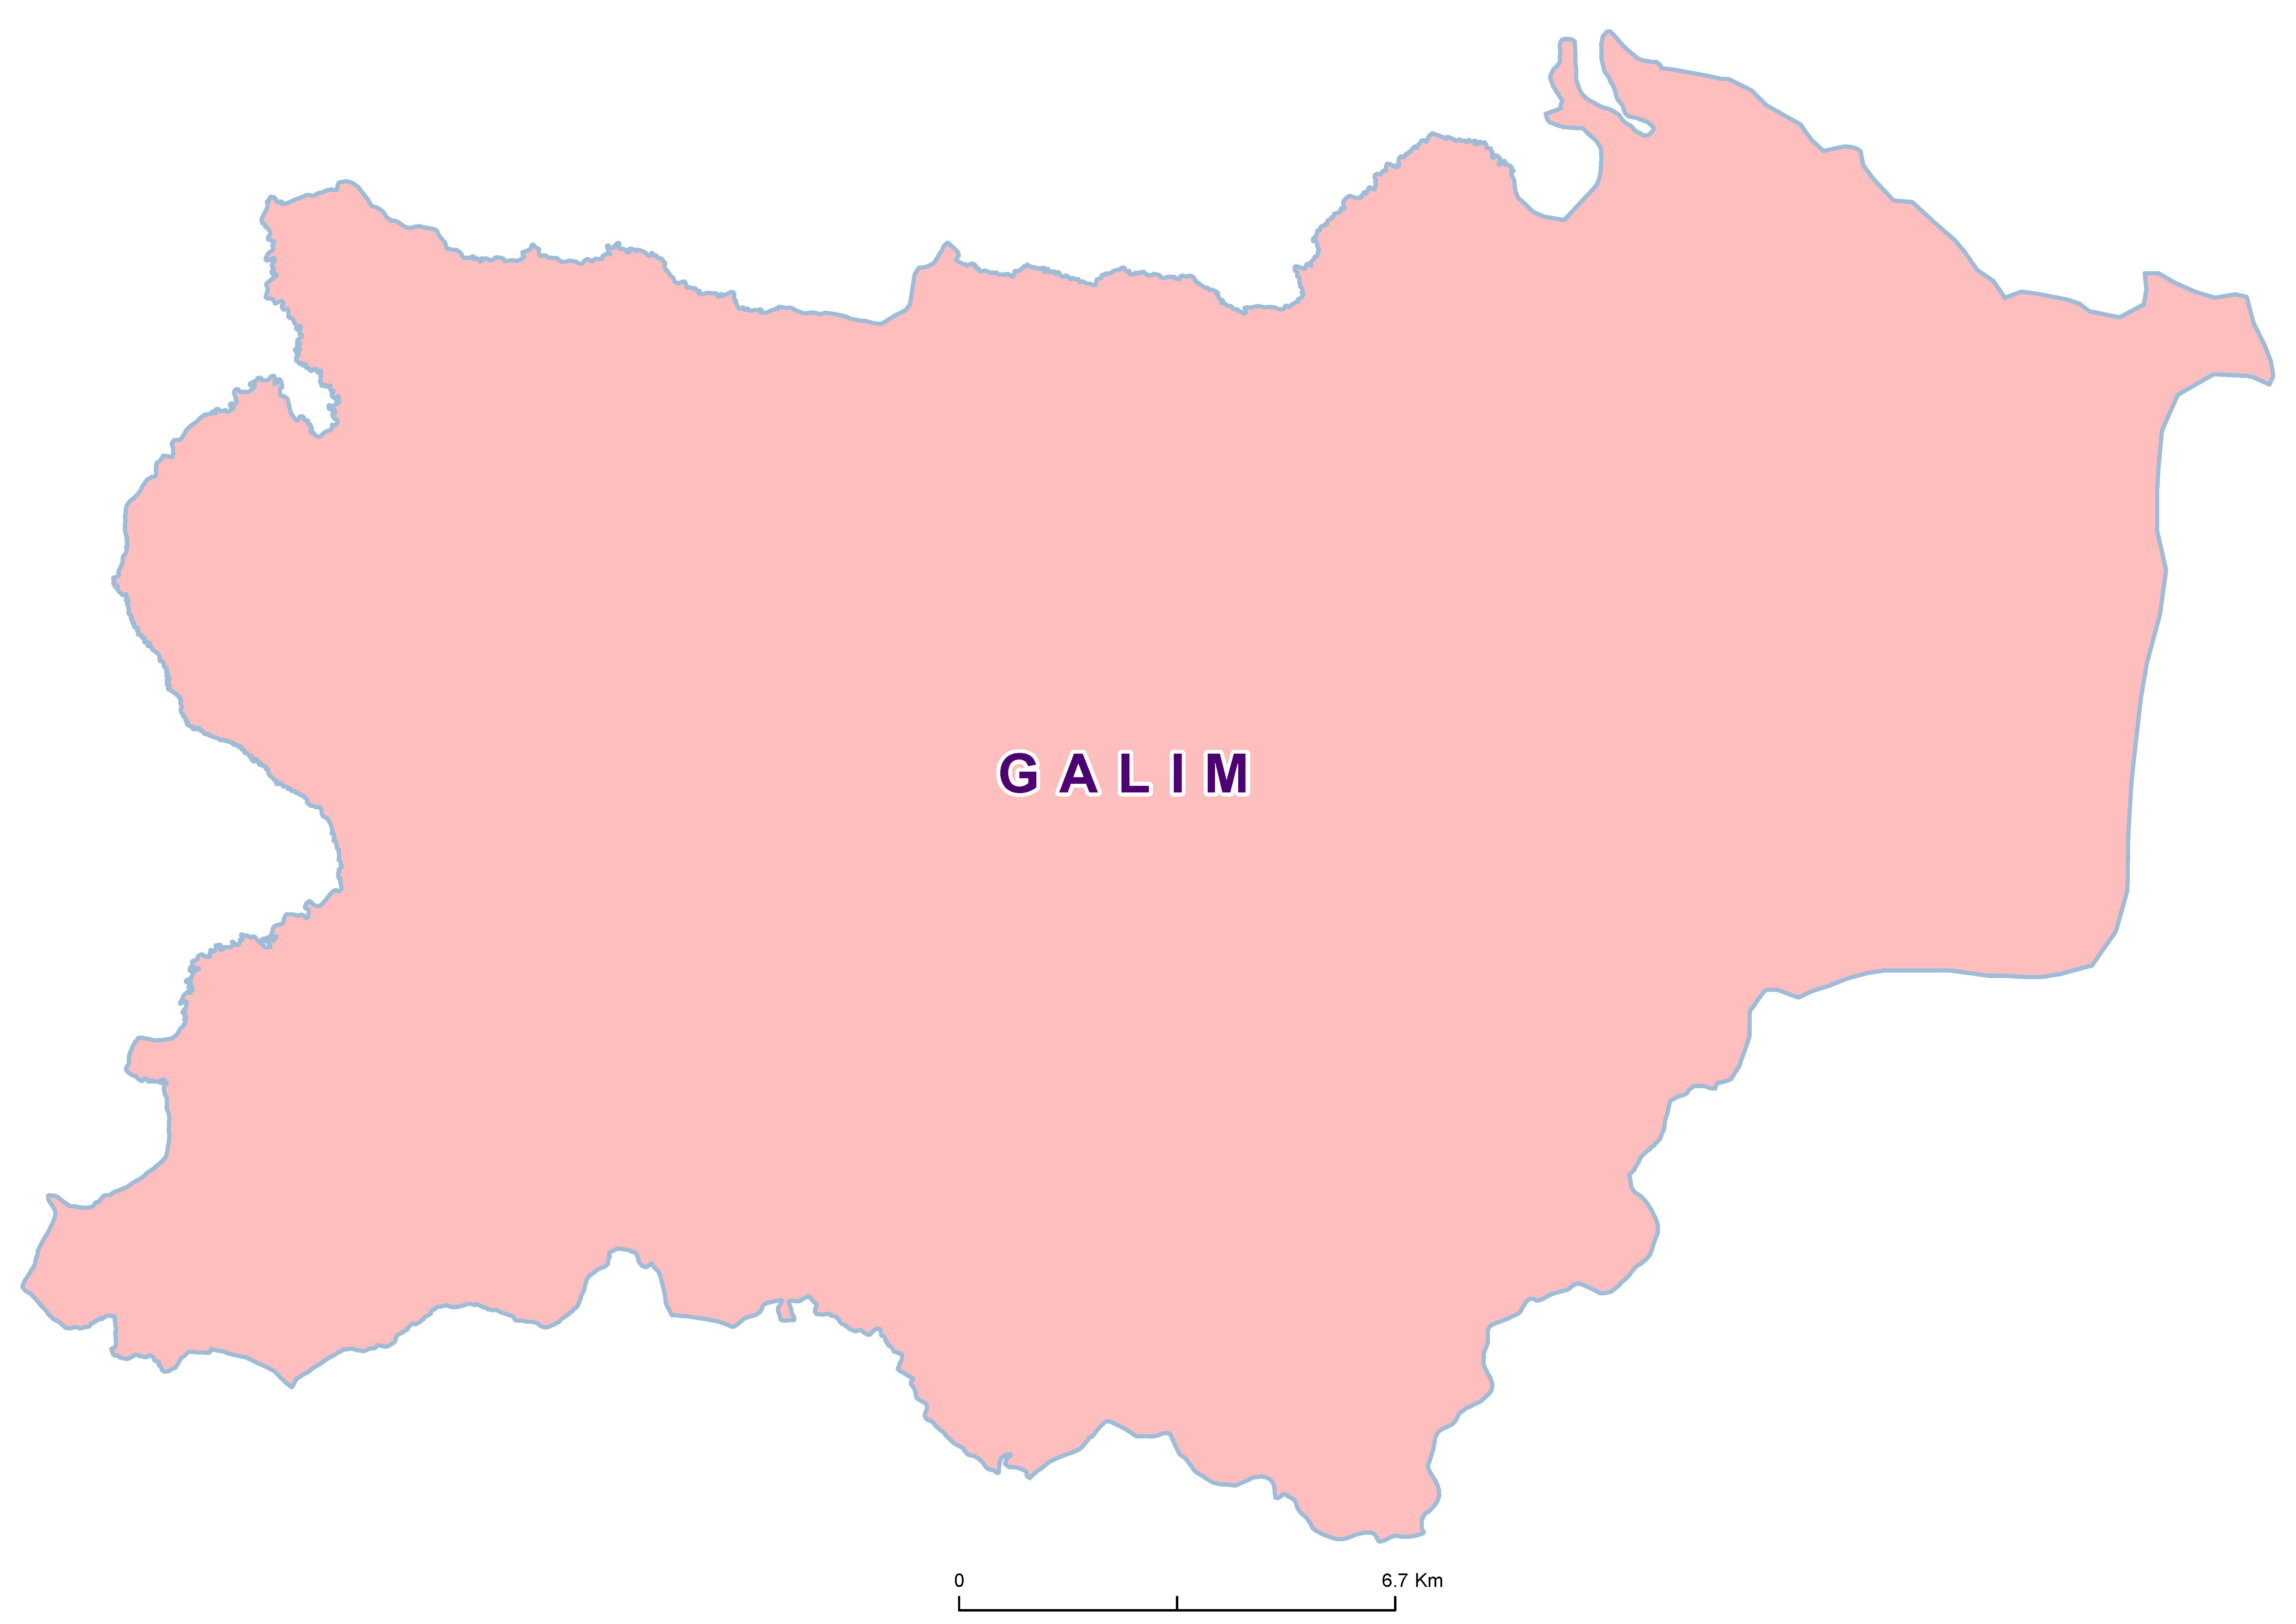 Galim Mean SCH 20180001